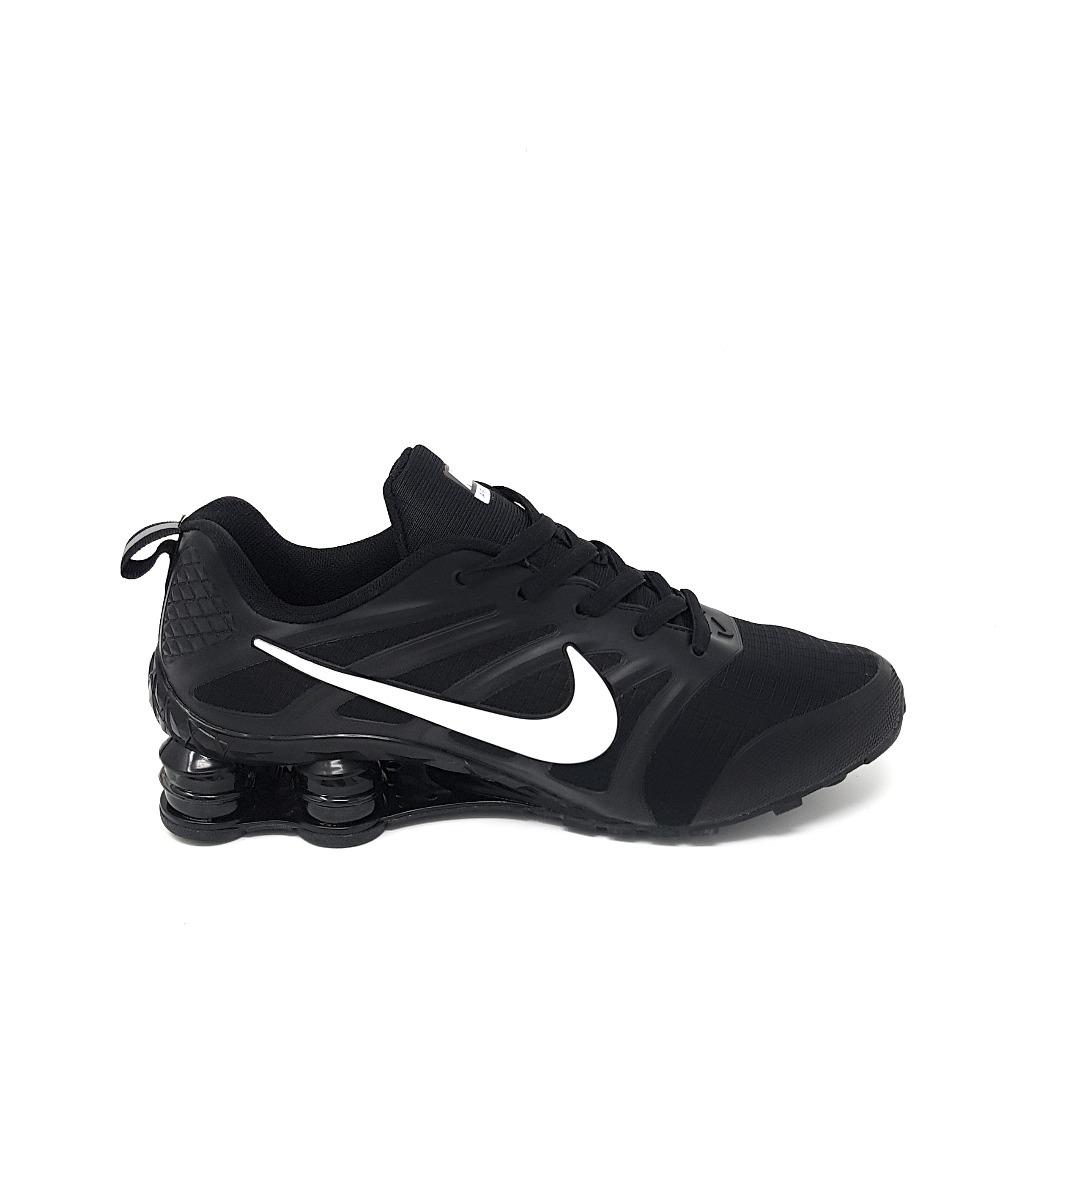 sweden hombres nike shox avenue zapatos blanco azul negro